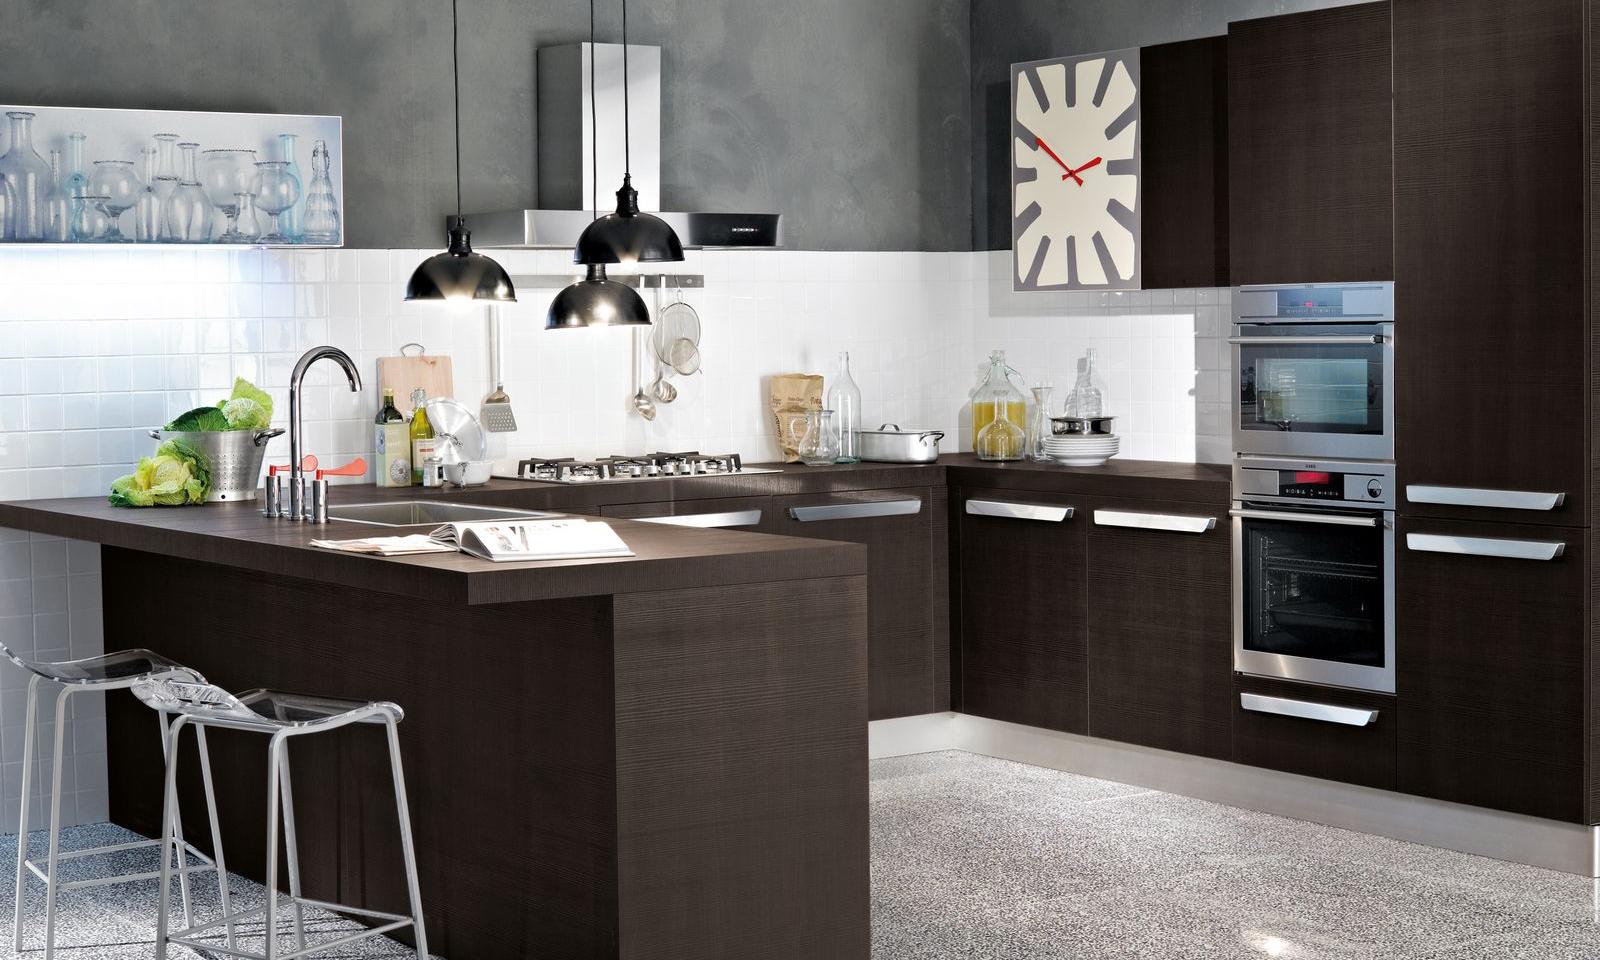 Decotips distribuir la cocina seg n su geometr a - Cocinas en forma de u pequenas ...